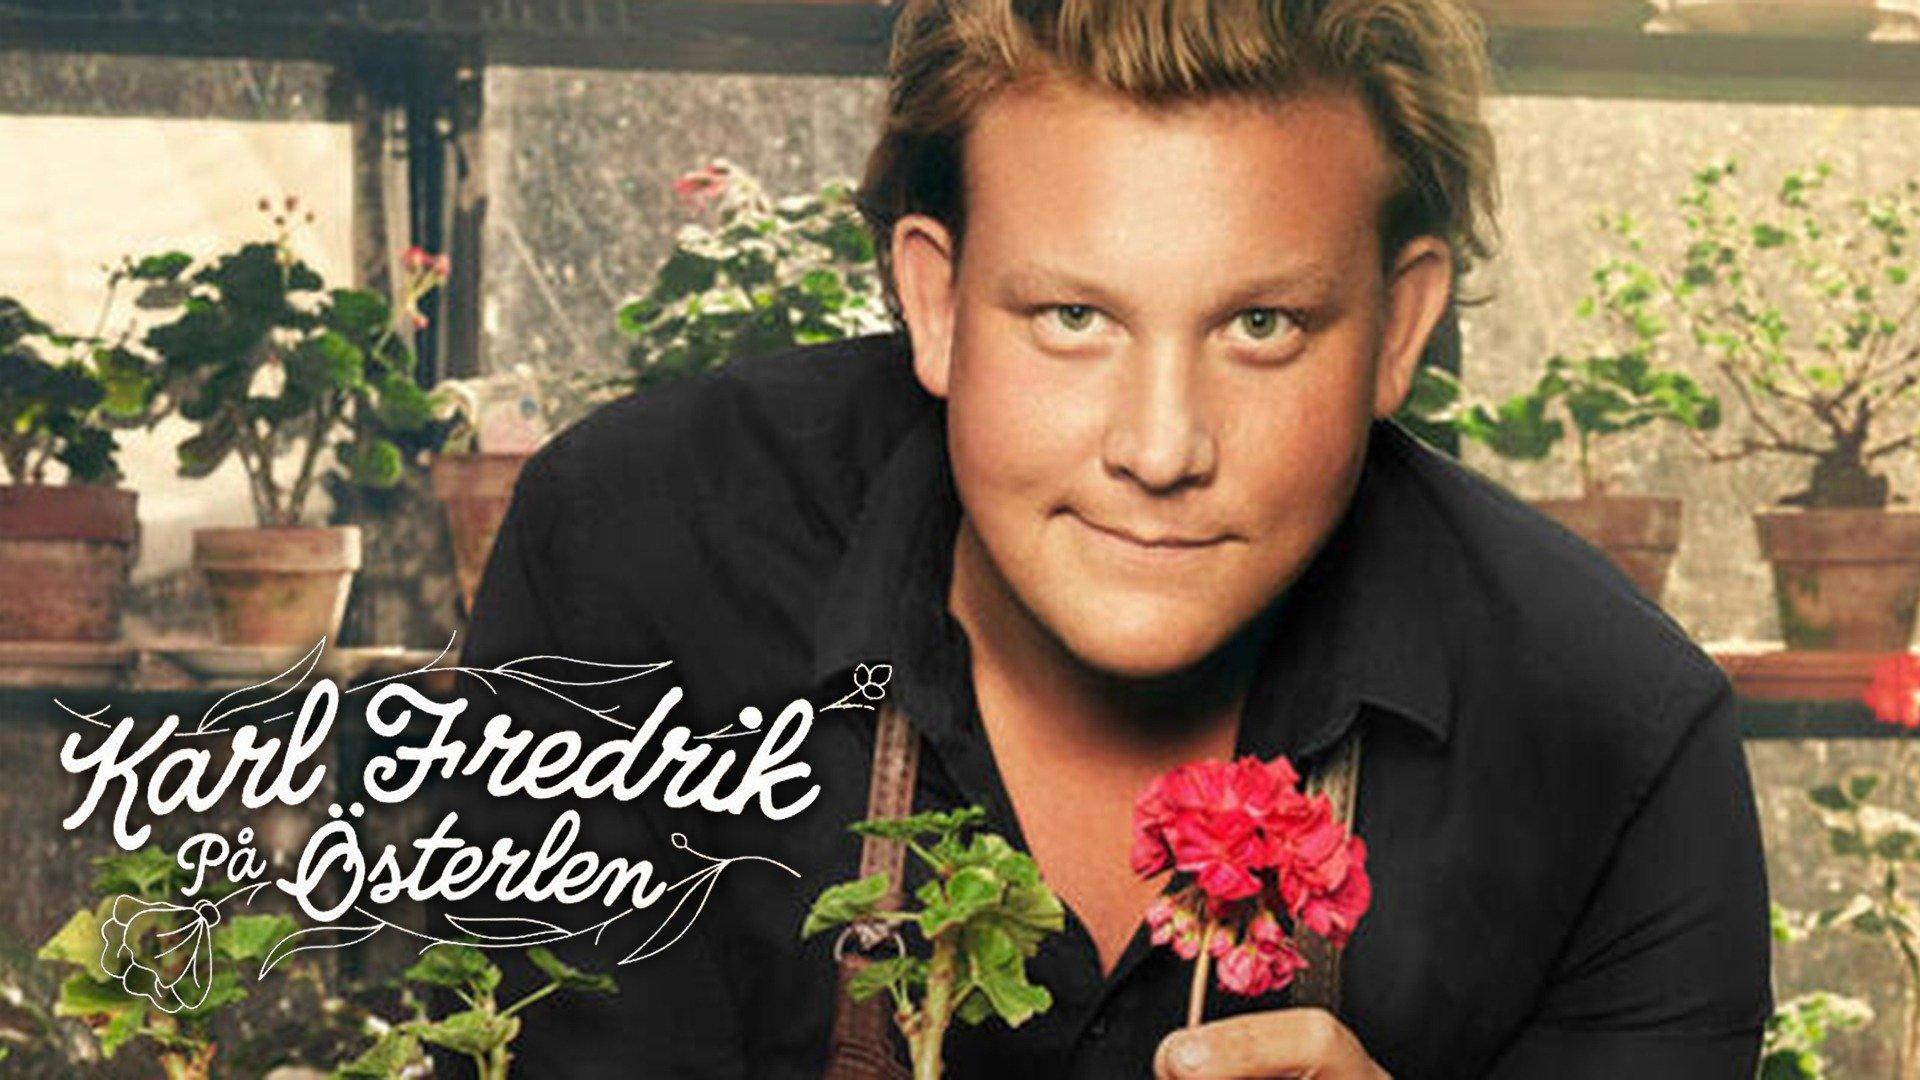 Karl Fredrik på Österlen